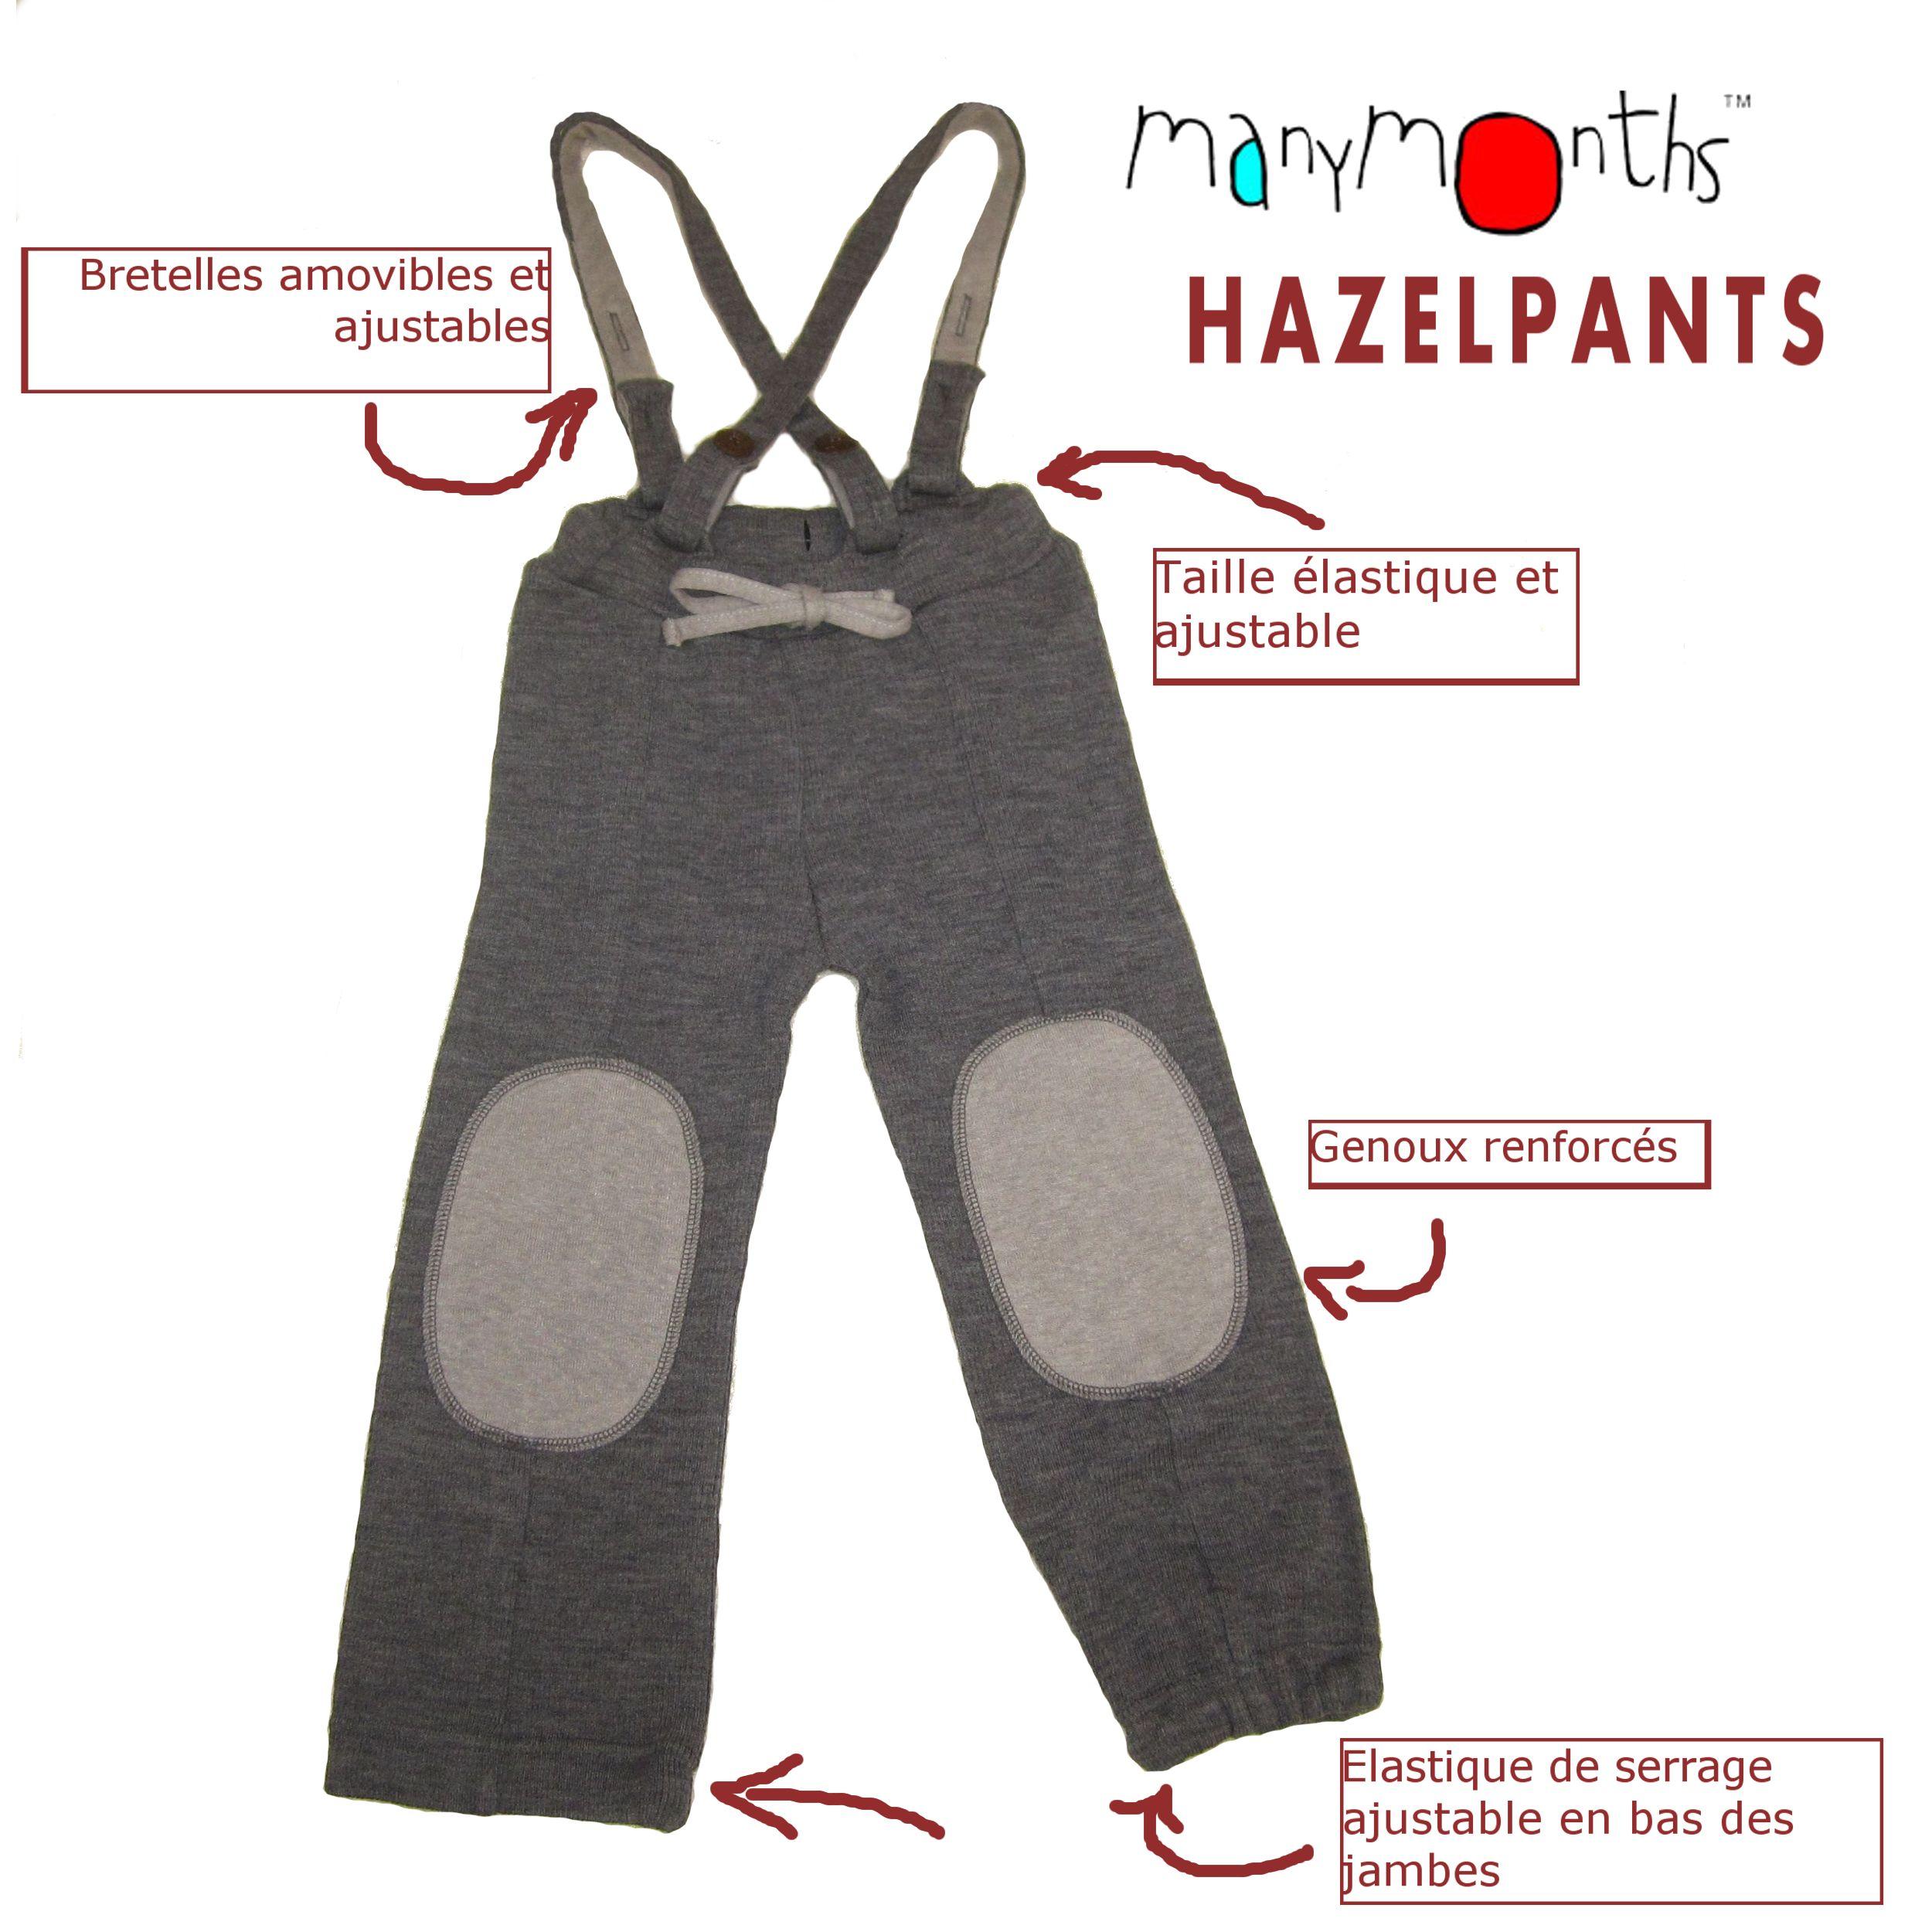 Laine 100% mérinos Ancienne Collection MANYMONTHS – HAZEL PANTS – pantalon en pure laine mérinos